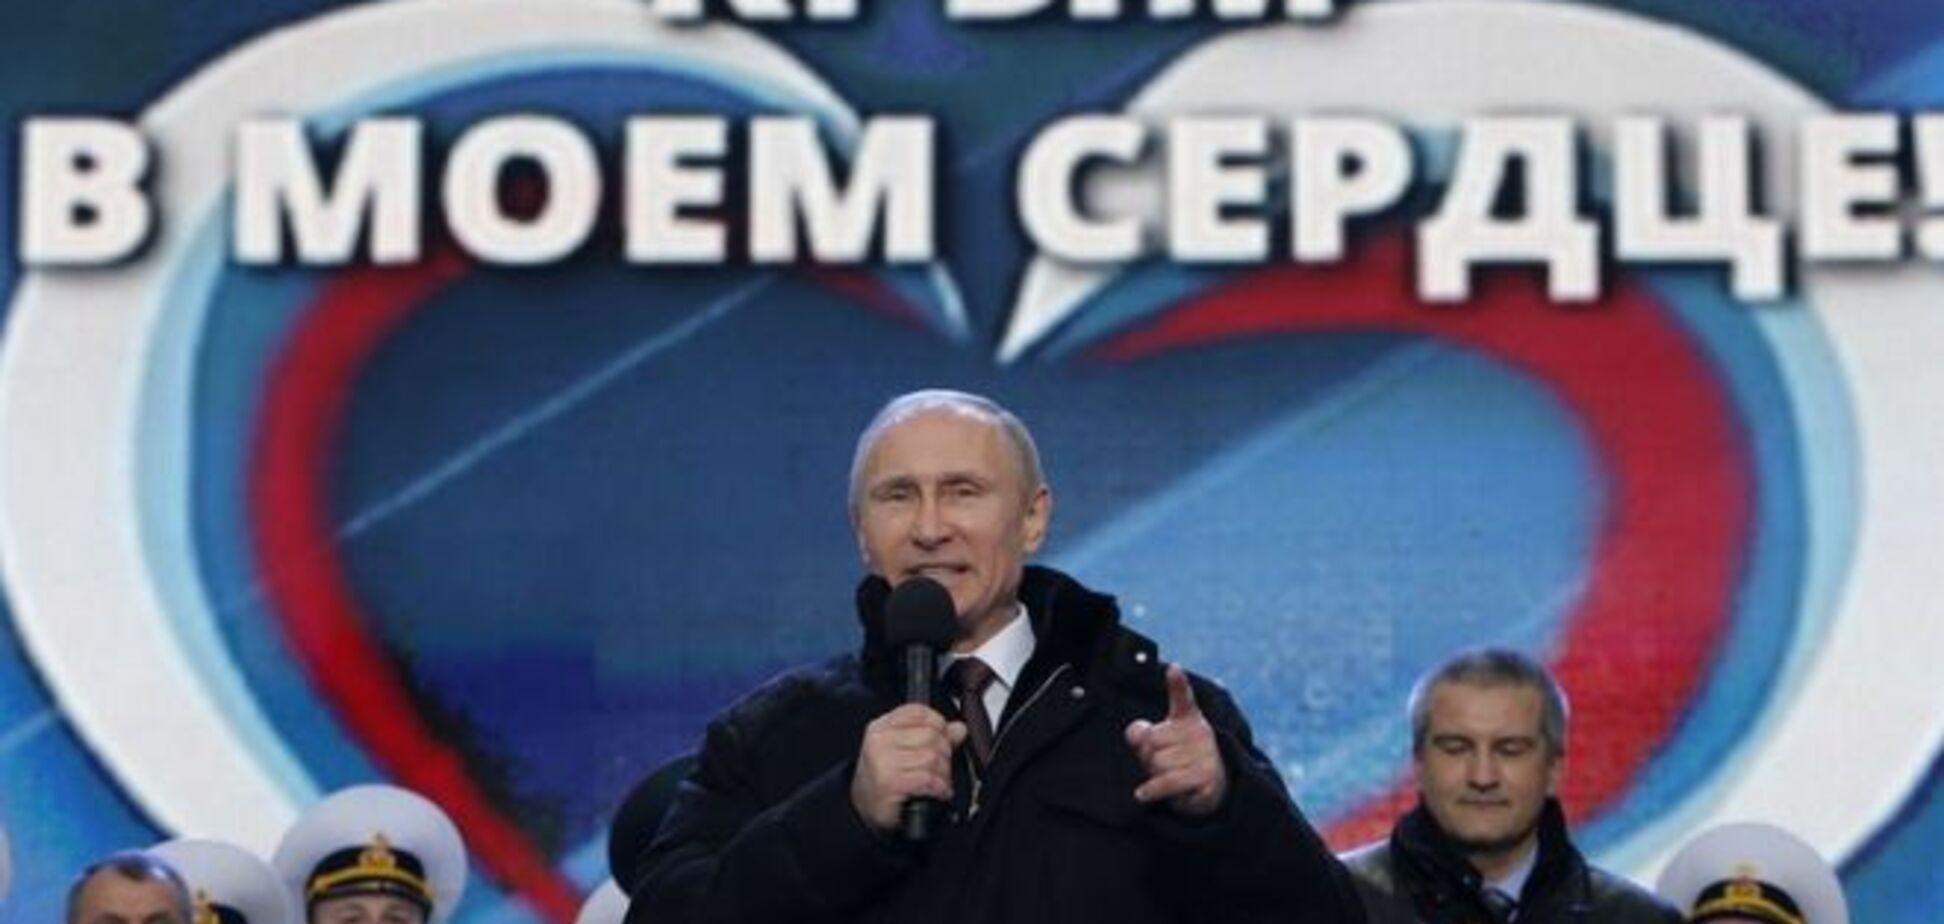 Путин в фильме рассказал, как российские солдаты захватили Крым